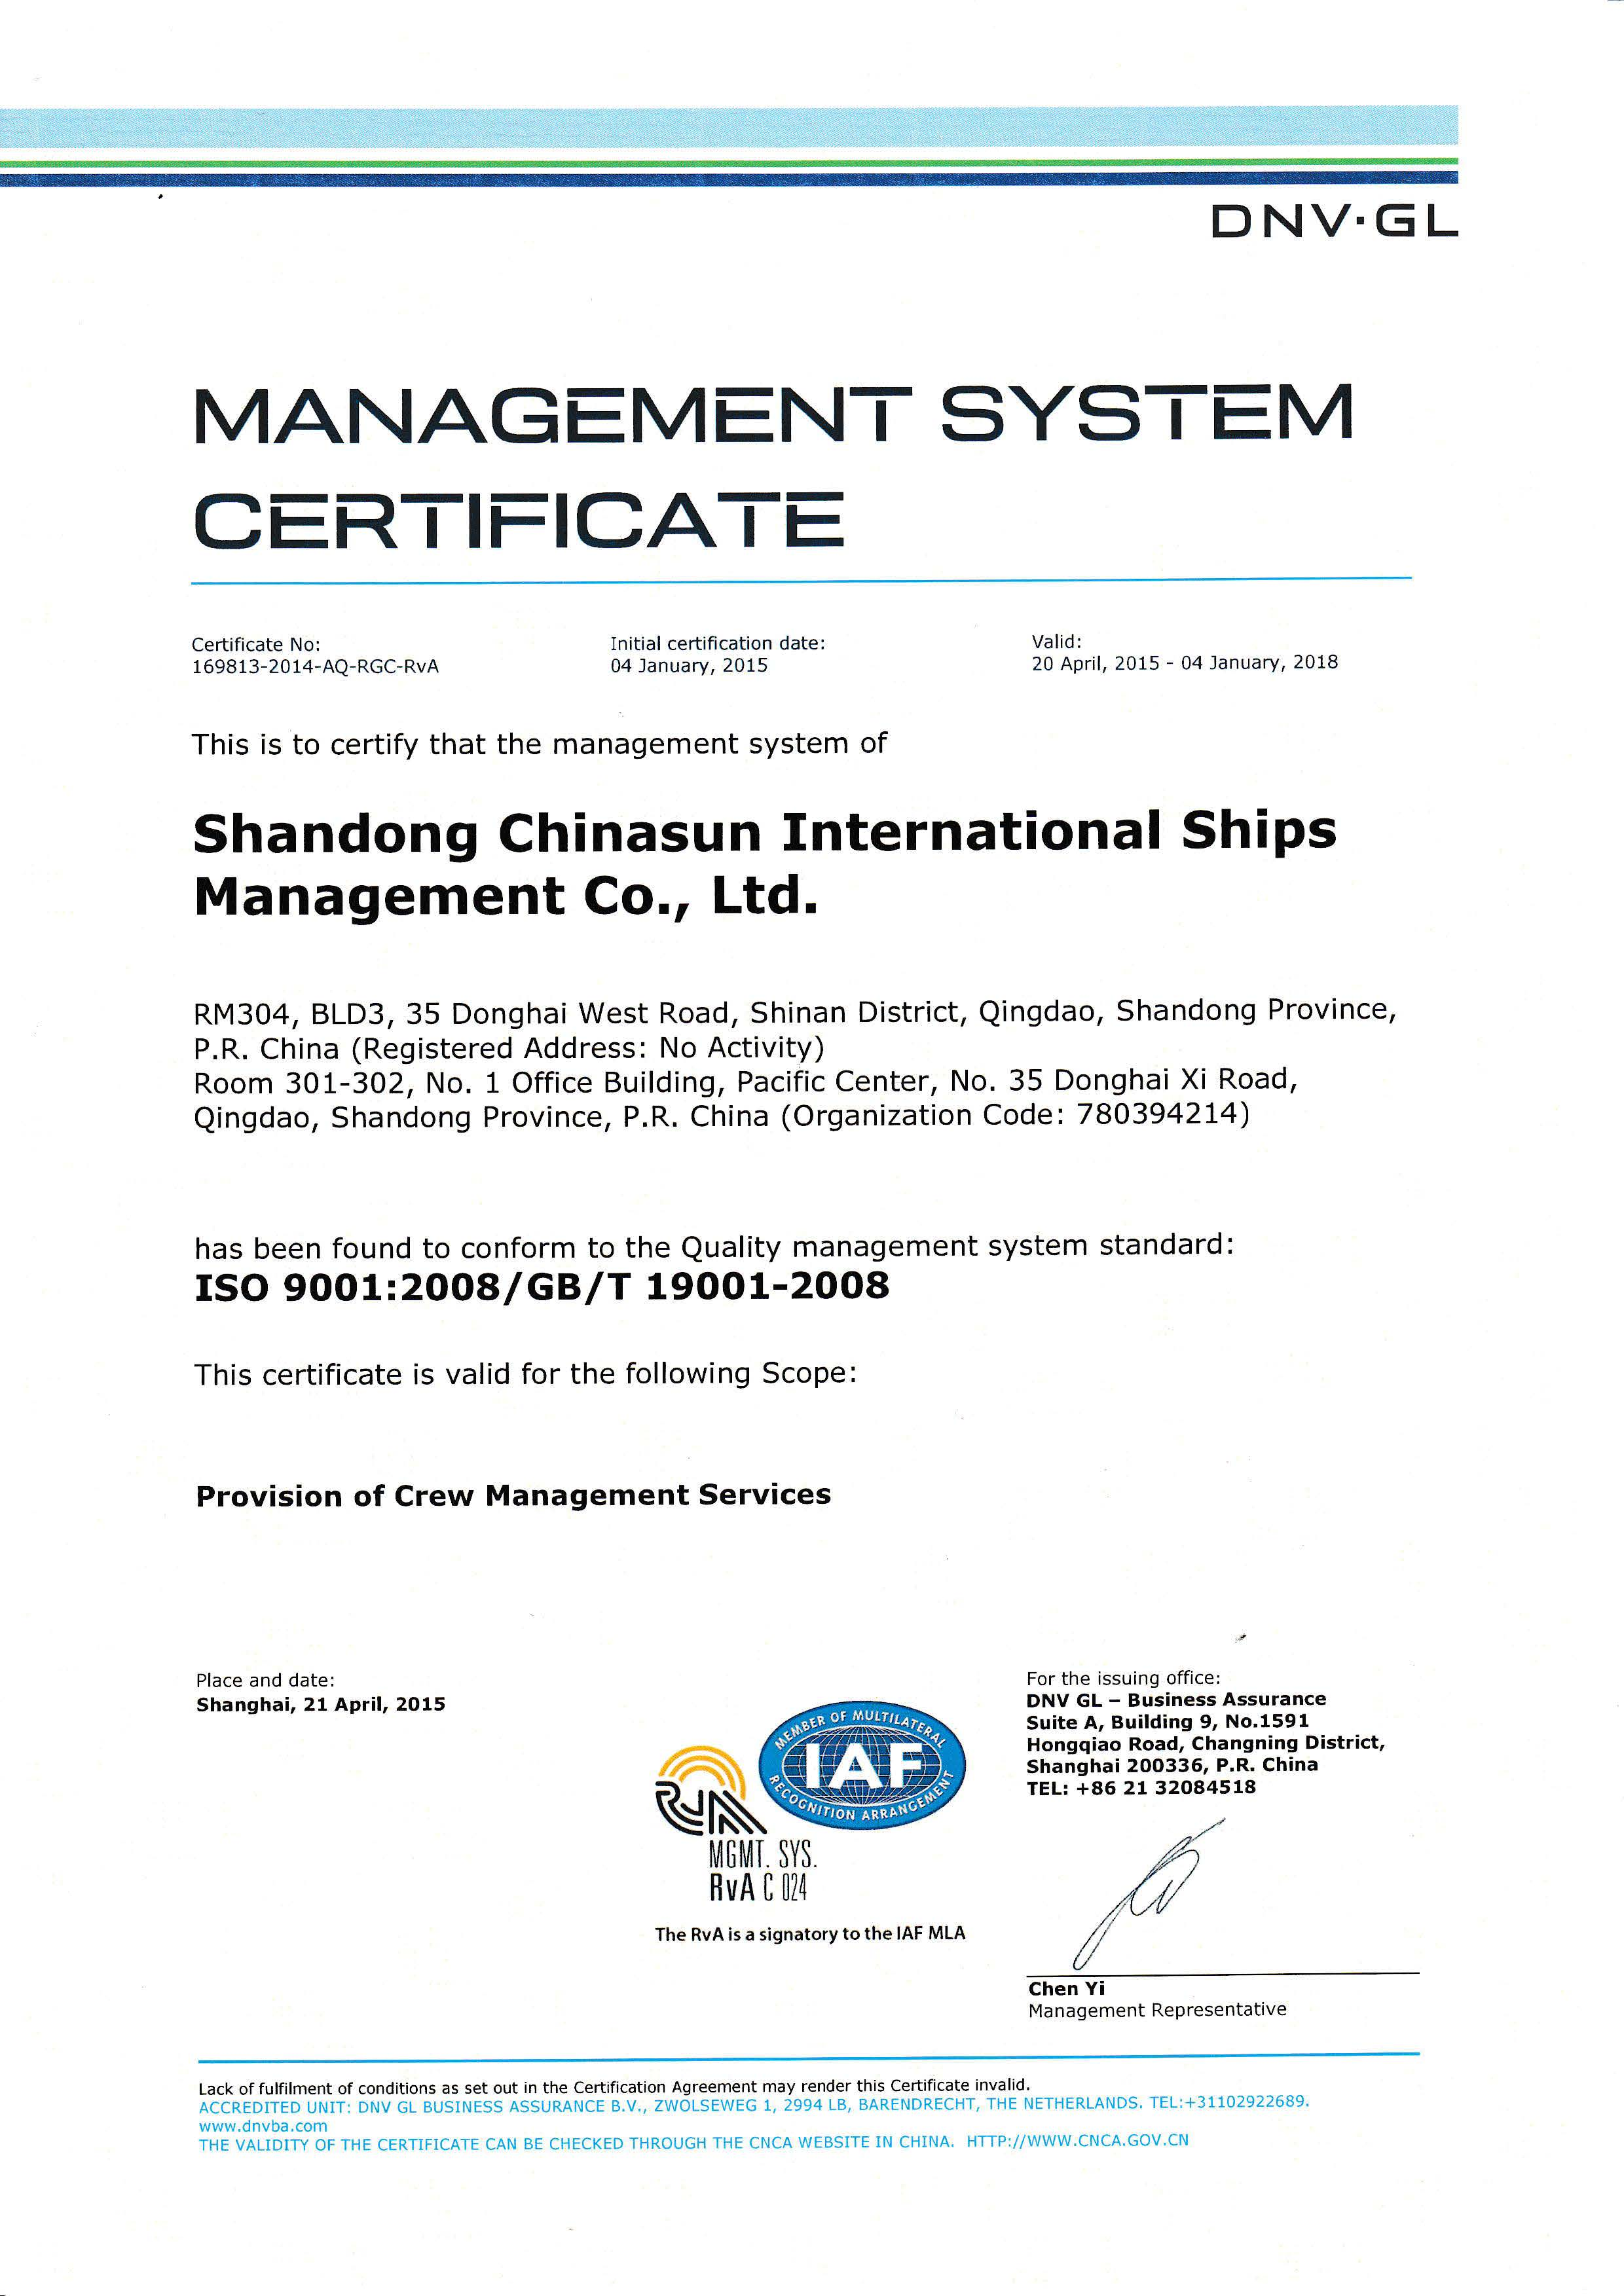 DNV管理体系认证英文.jpg